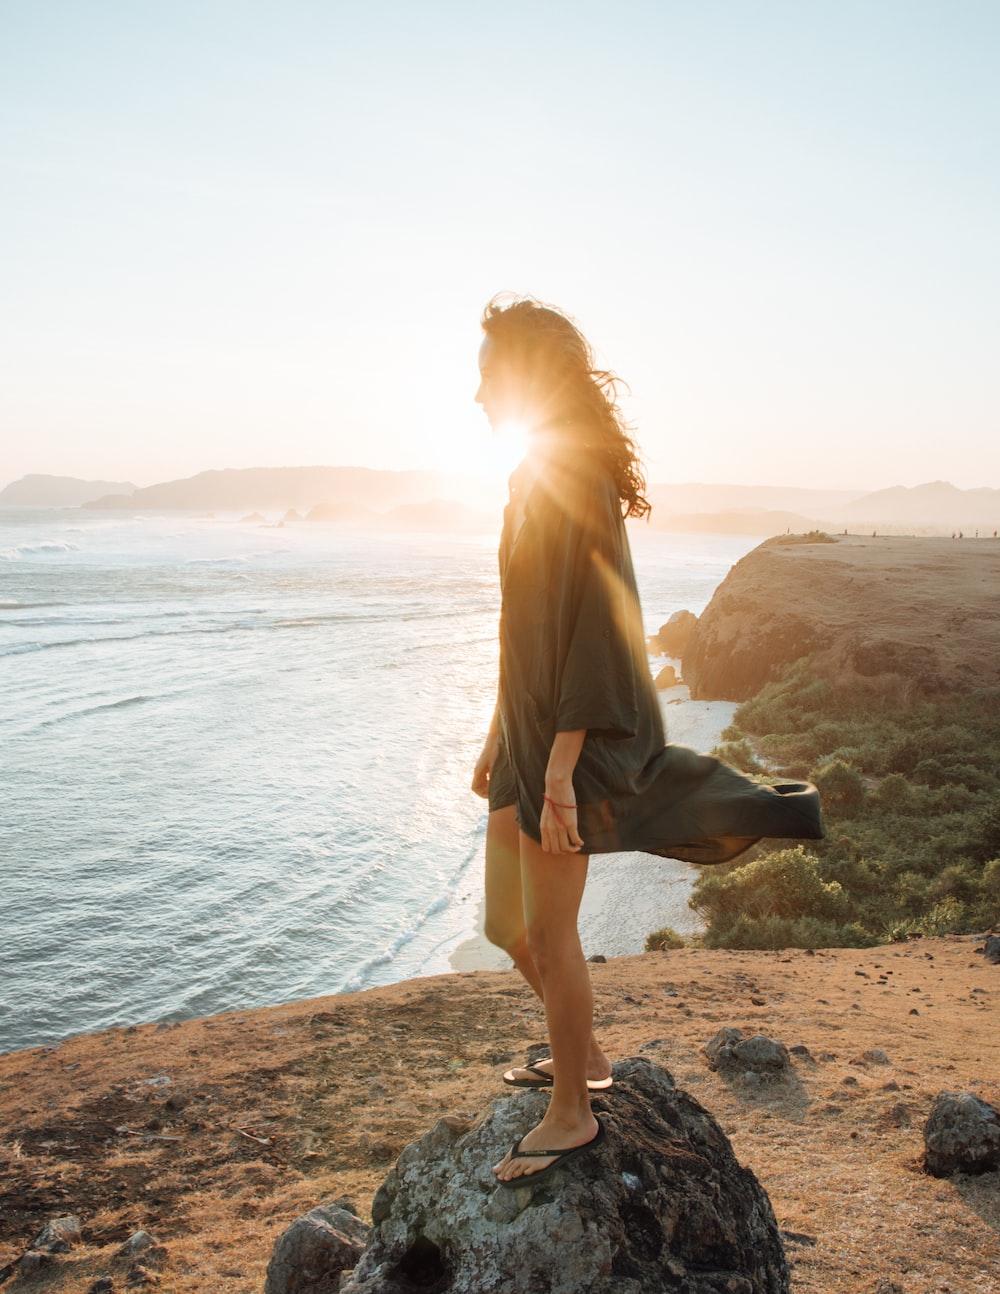 woman wearing black dress standing on rock near body of water